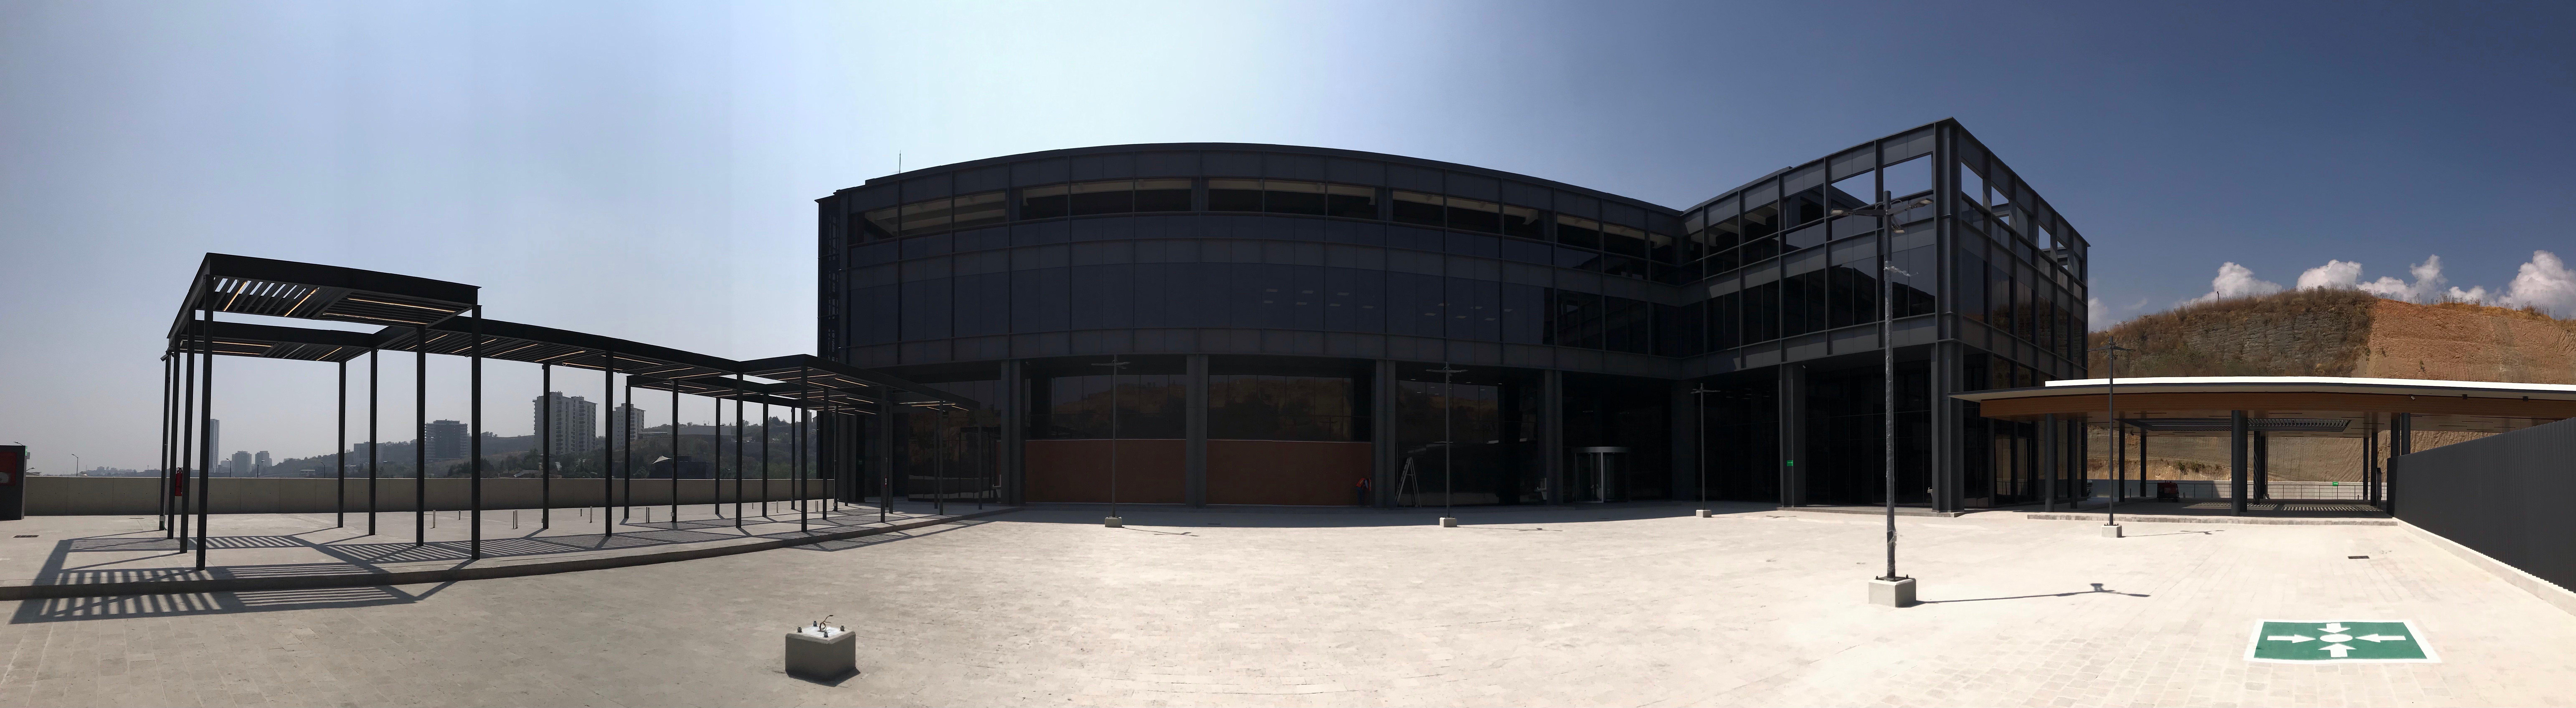 Conoce el nuevo campus Ciudad Panamericana